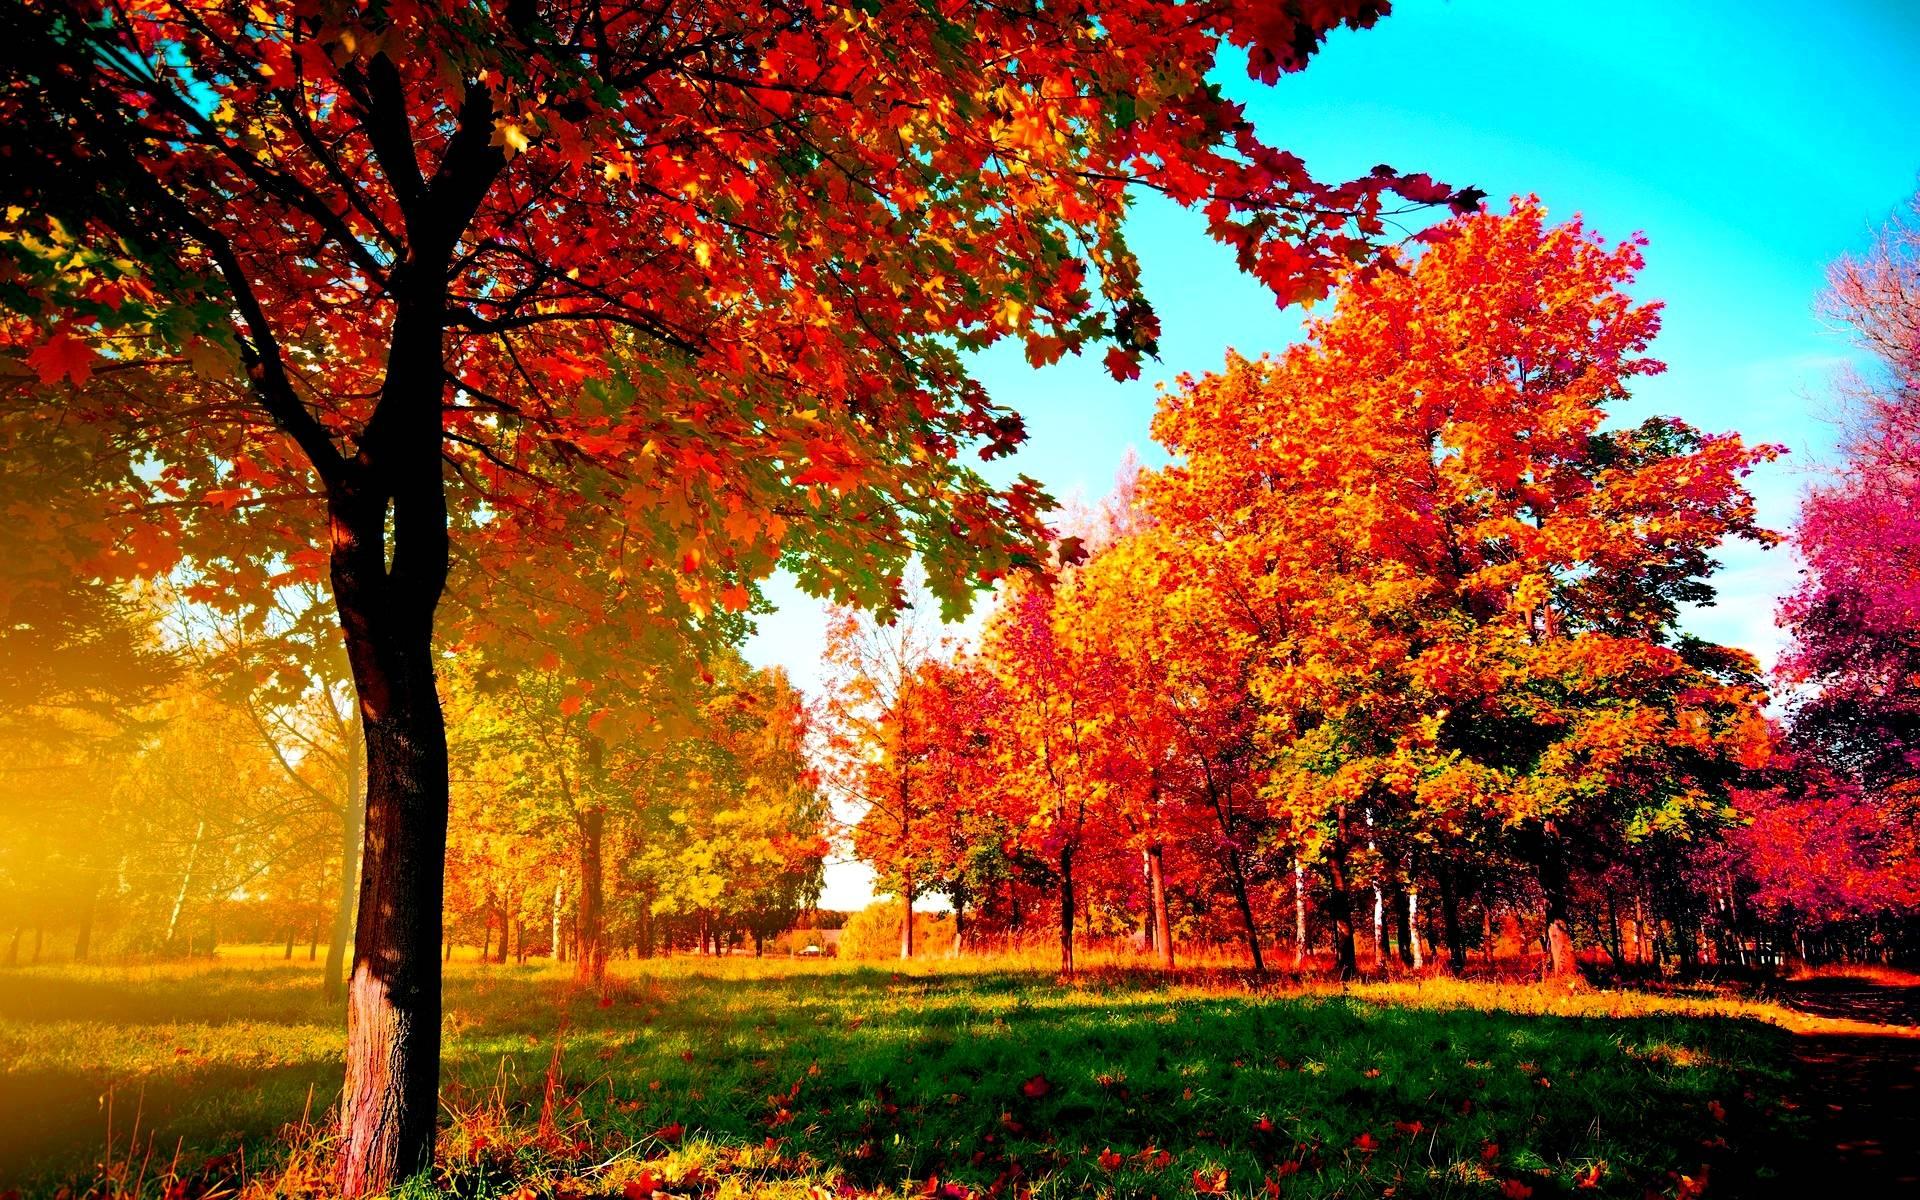 Фото обоев на рабочий стол осень